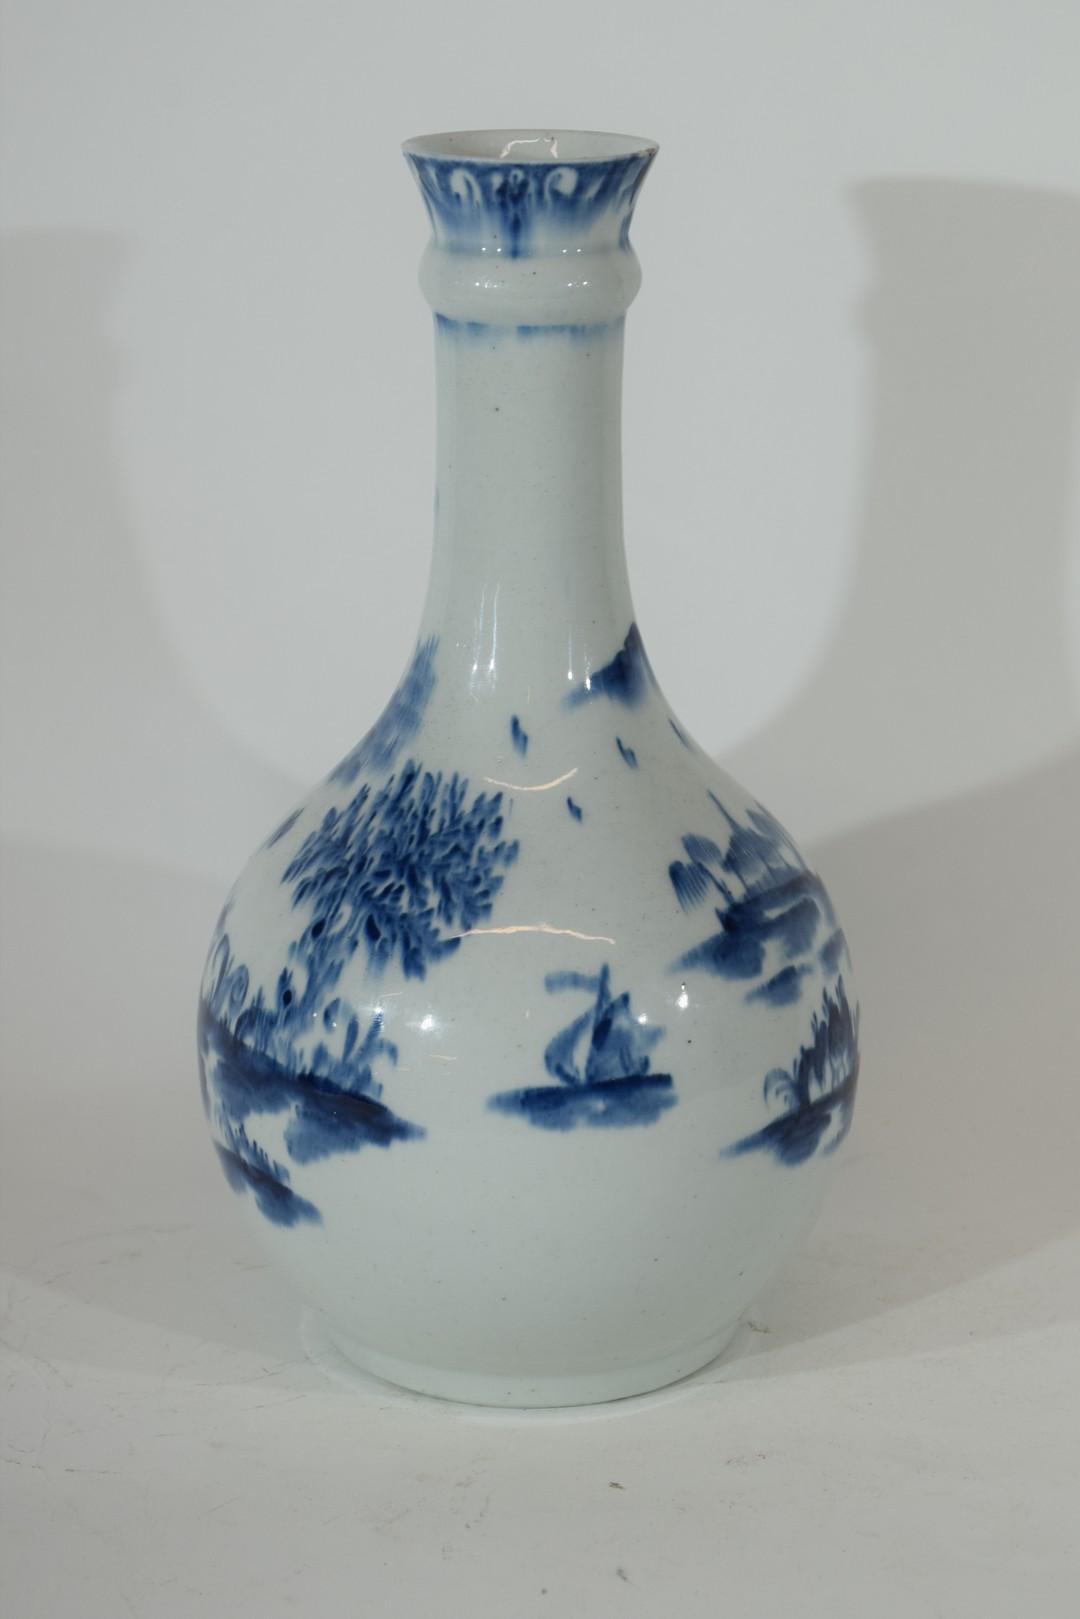 Lowestoft porcelain guglet or water bottle - Image 3 of 7